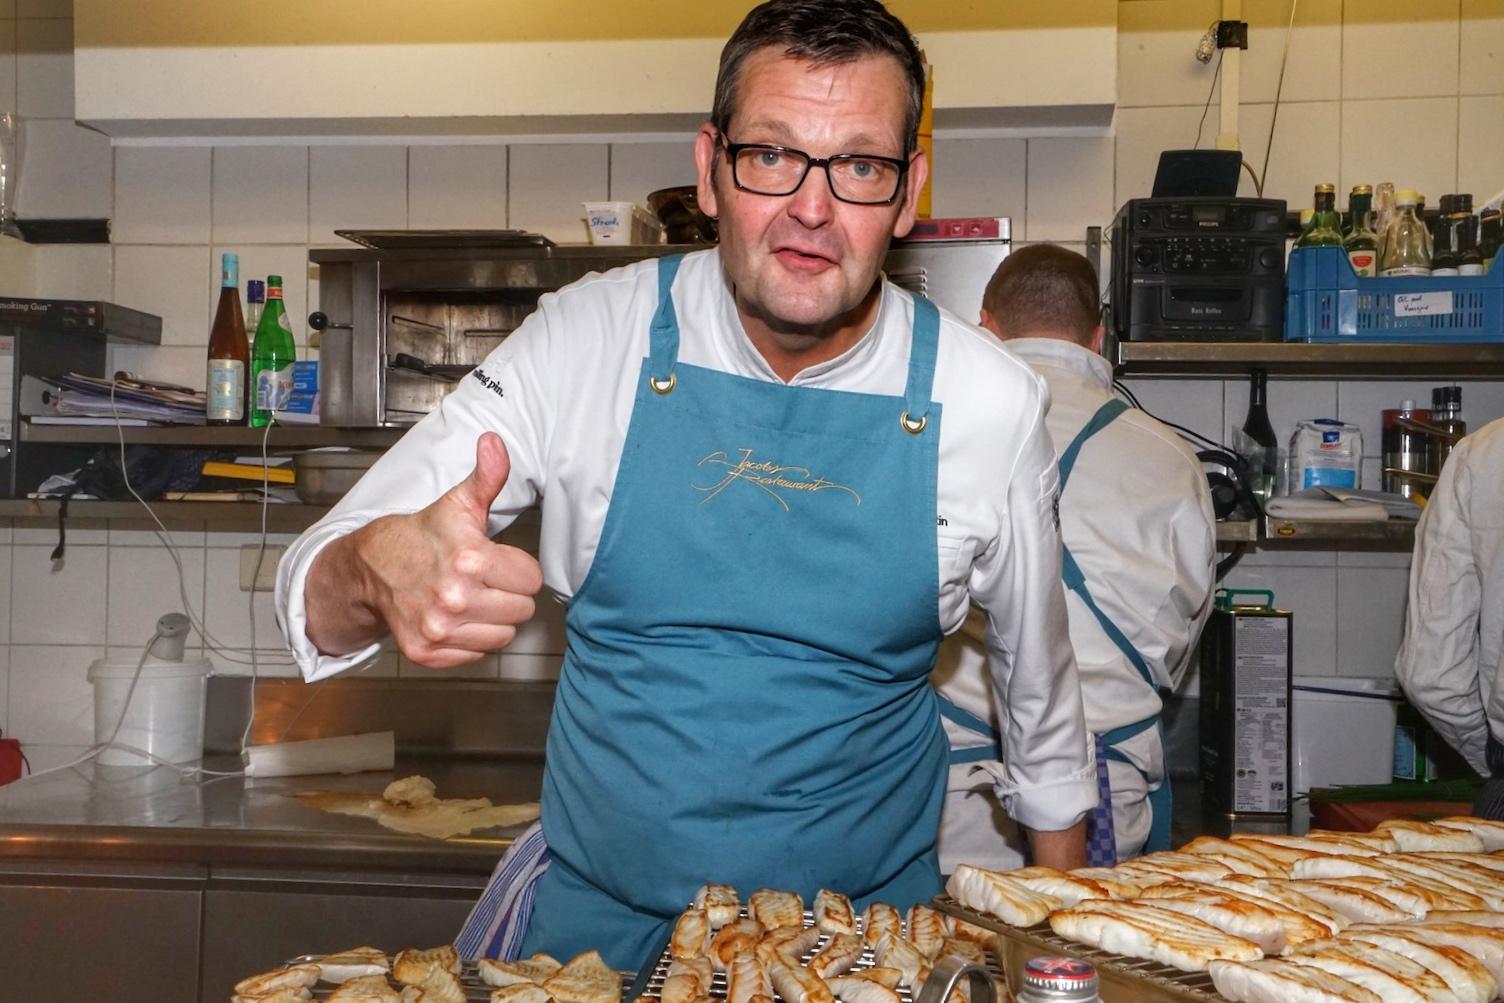 2 Sterne Koch Thomas Martin prägt als Küchenchef seit über 20 Jahren das Jacobs Restaurant im 5 Sterne Superior Hotel Louis C. Jacob in Hamburg